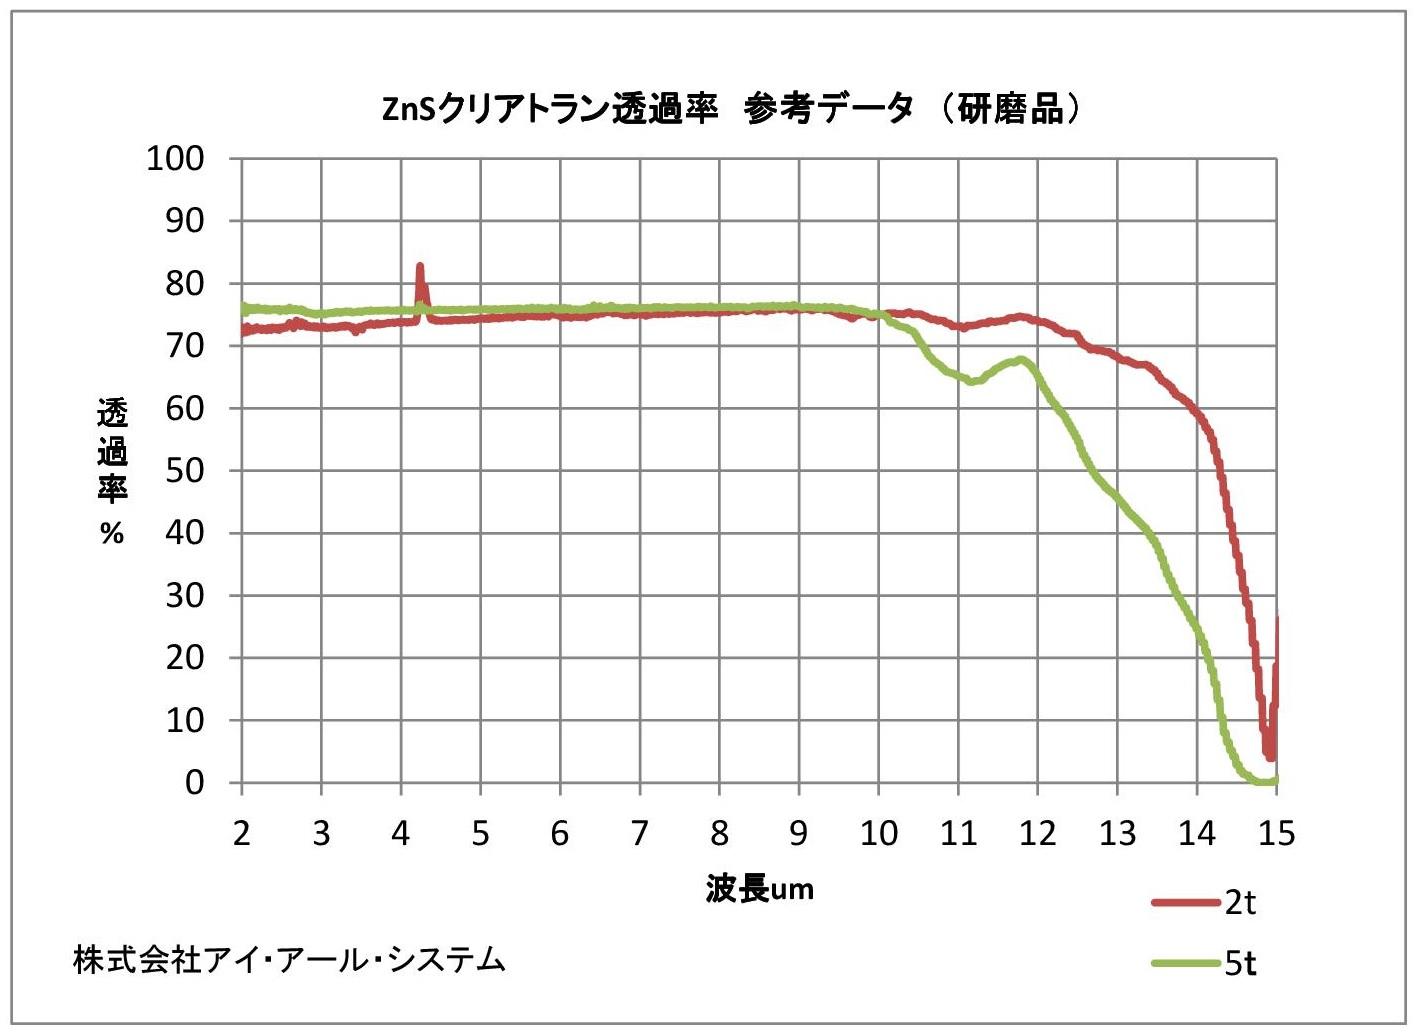 硫化亜鉛(ZnS)透過率グラフ